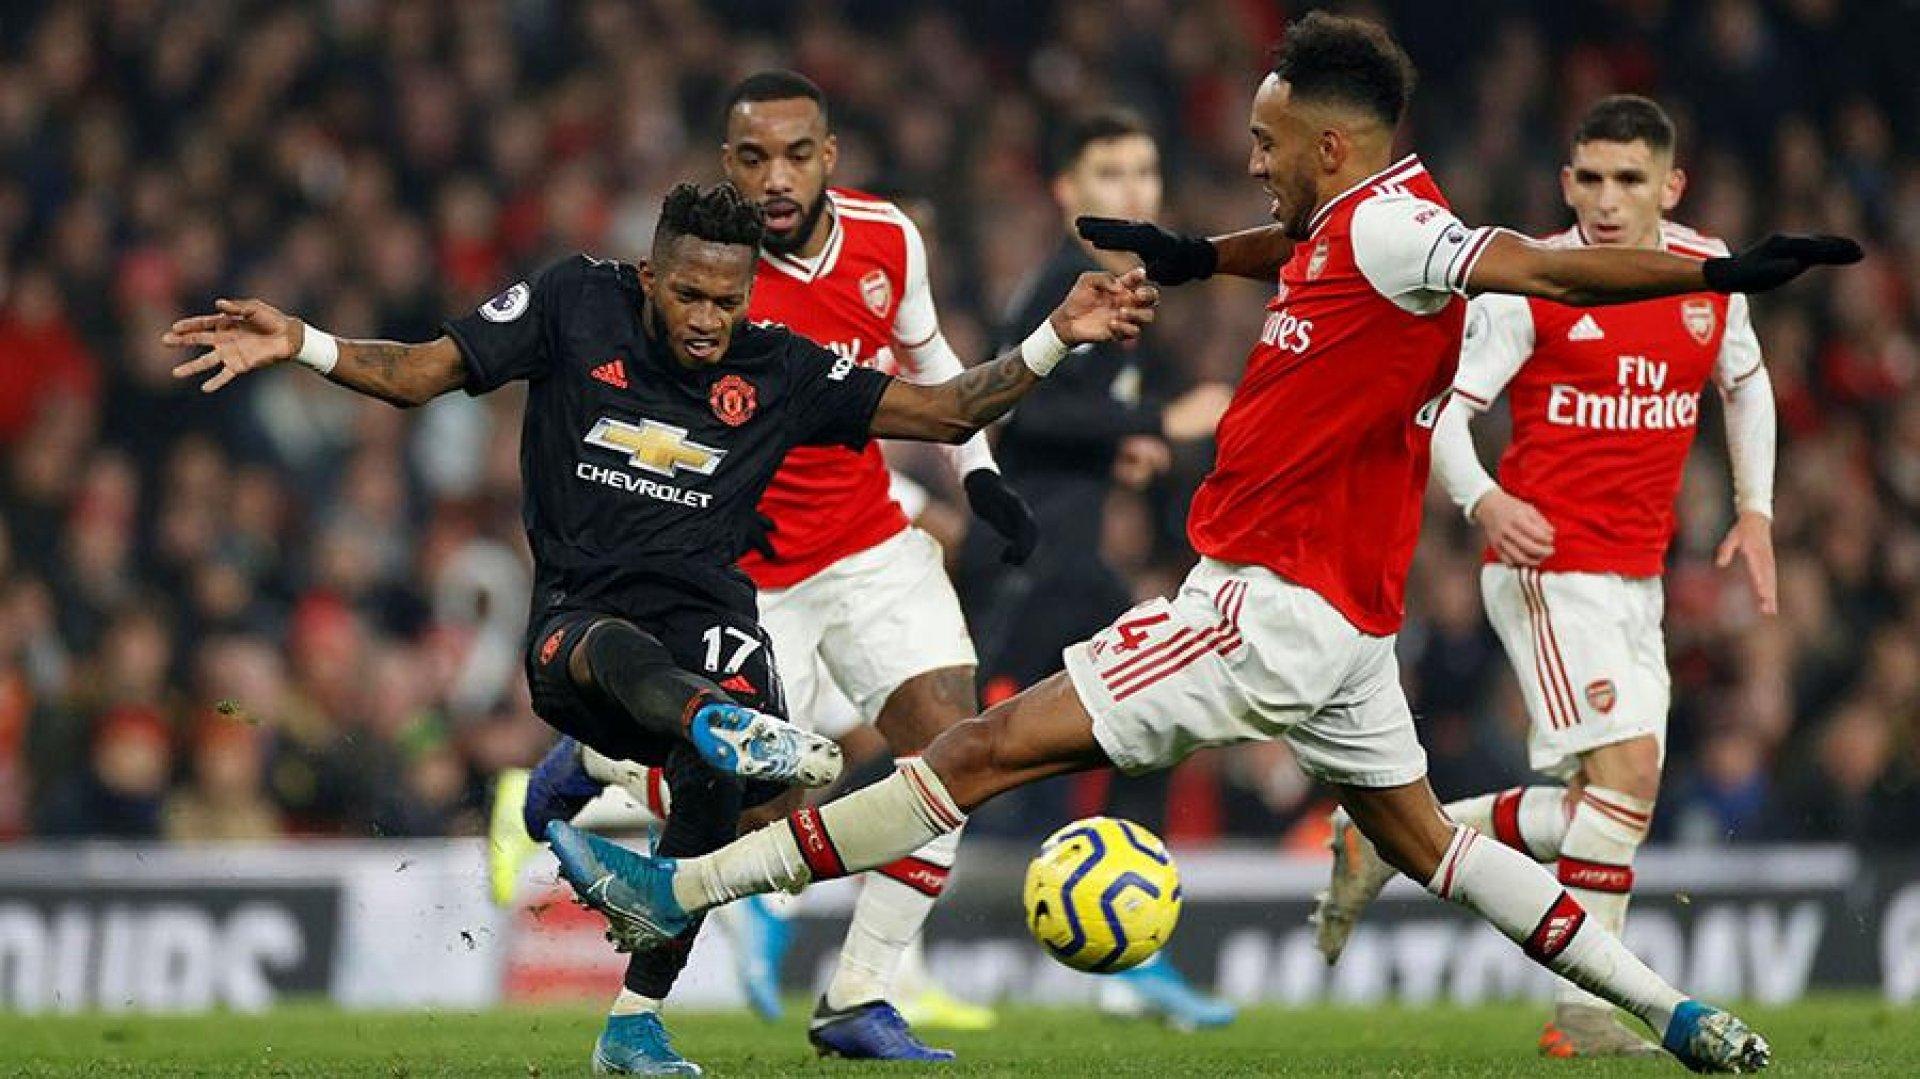 прогноз на 30.01.2021. «Арсенал» - «Манчестер Юнайтед»